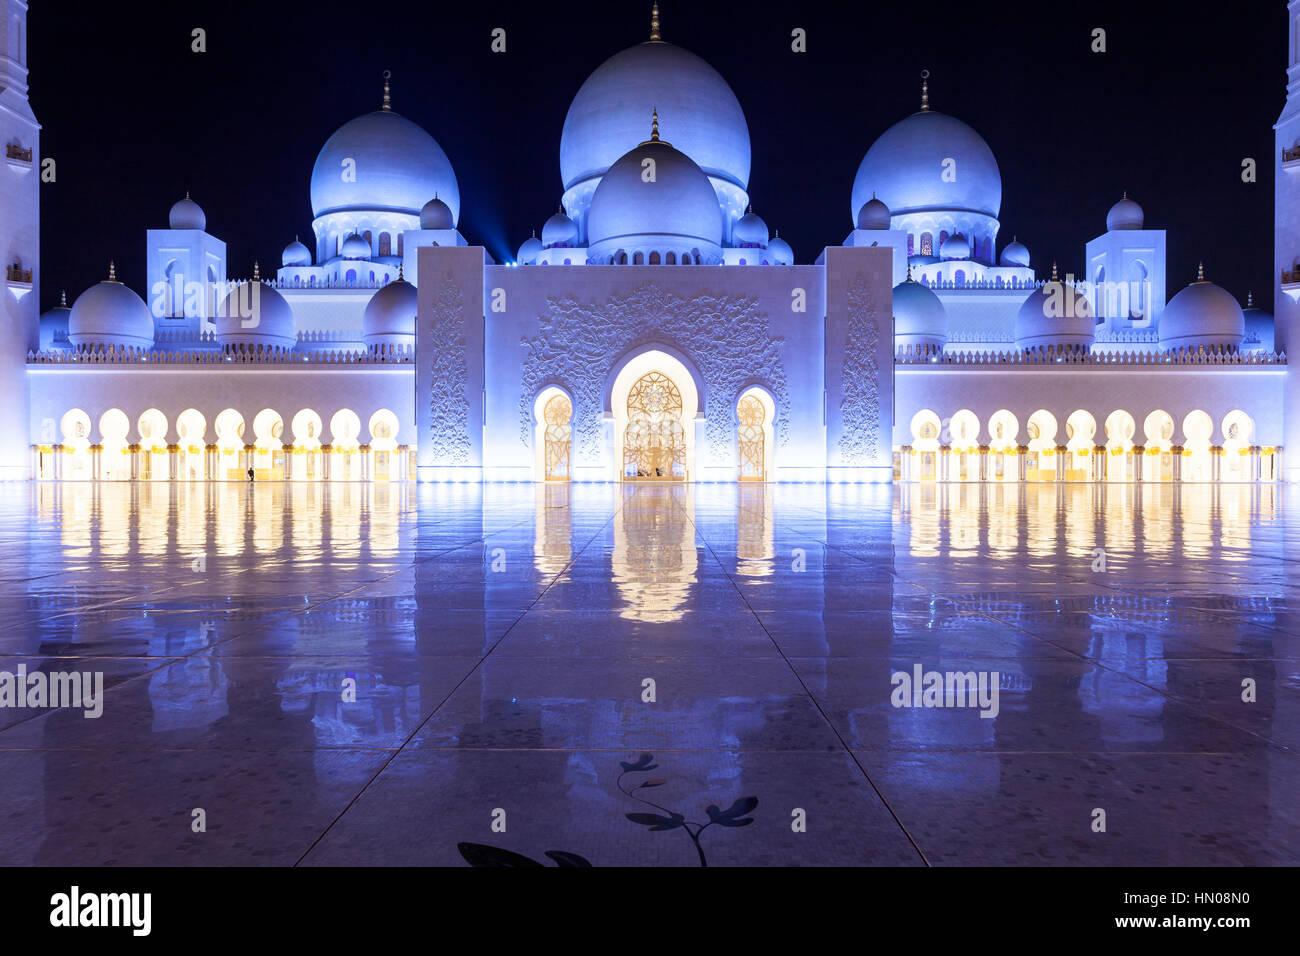 Sheikh Zayed Grand Mosque illuminated at night. Abu Dhabi, United Arab Emirates, Middle East - Stock Image